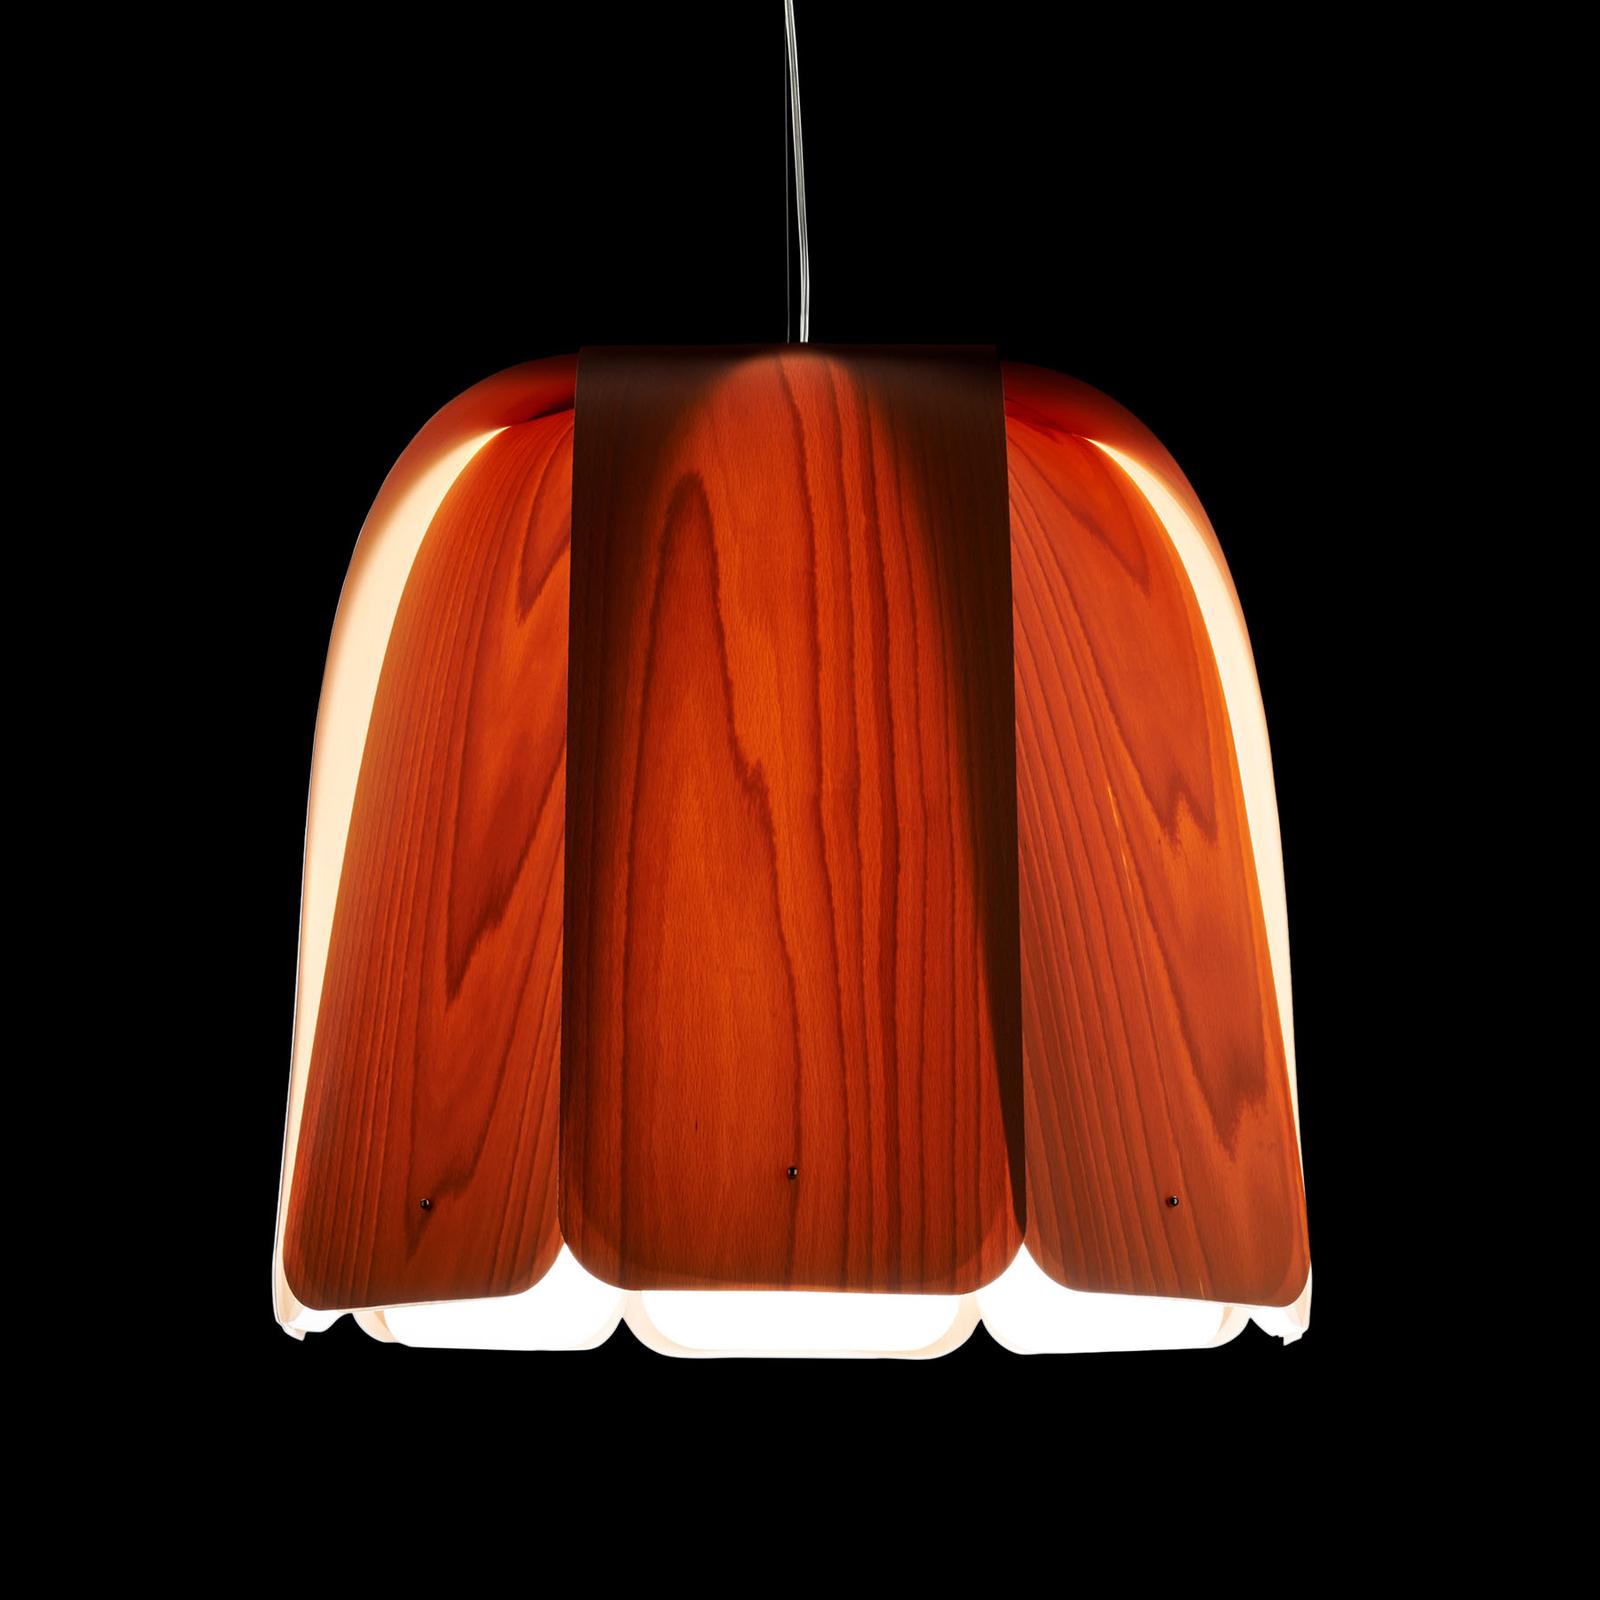 LZF Domo hanglamp beuken natuur